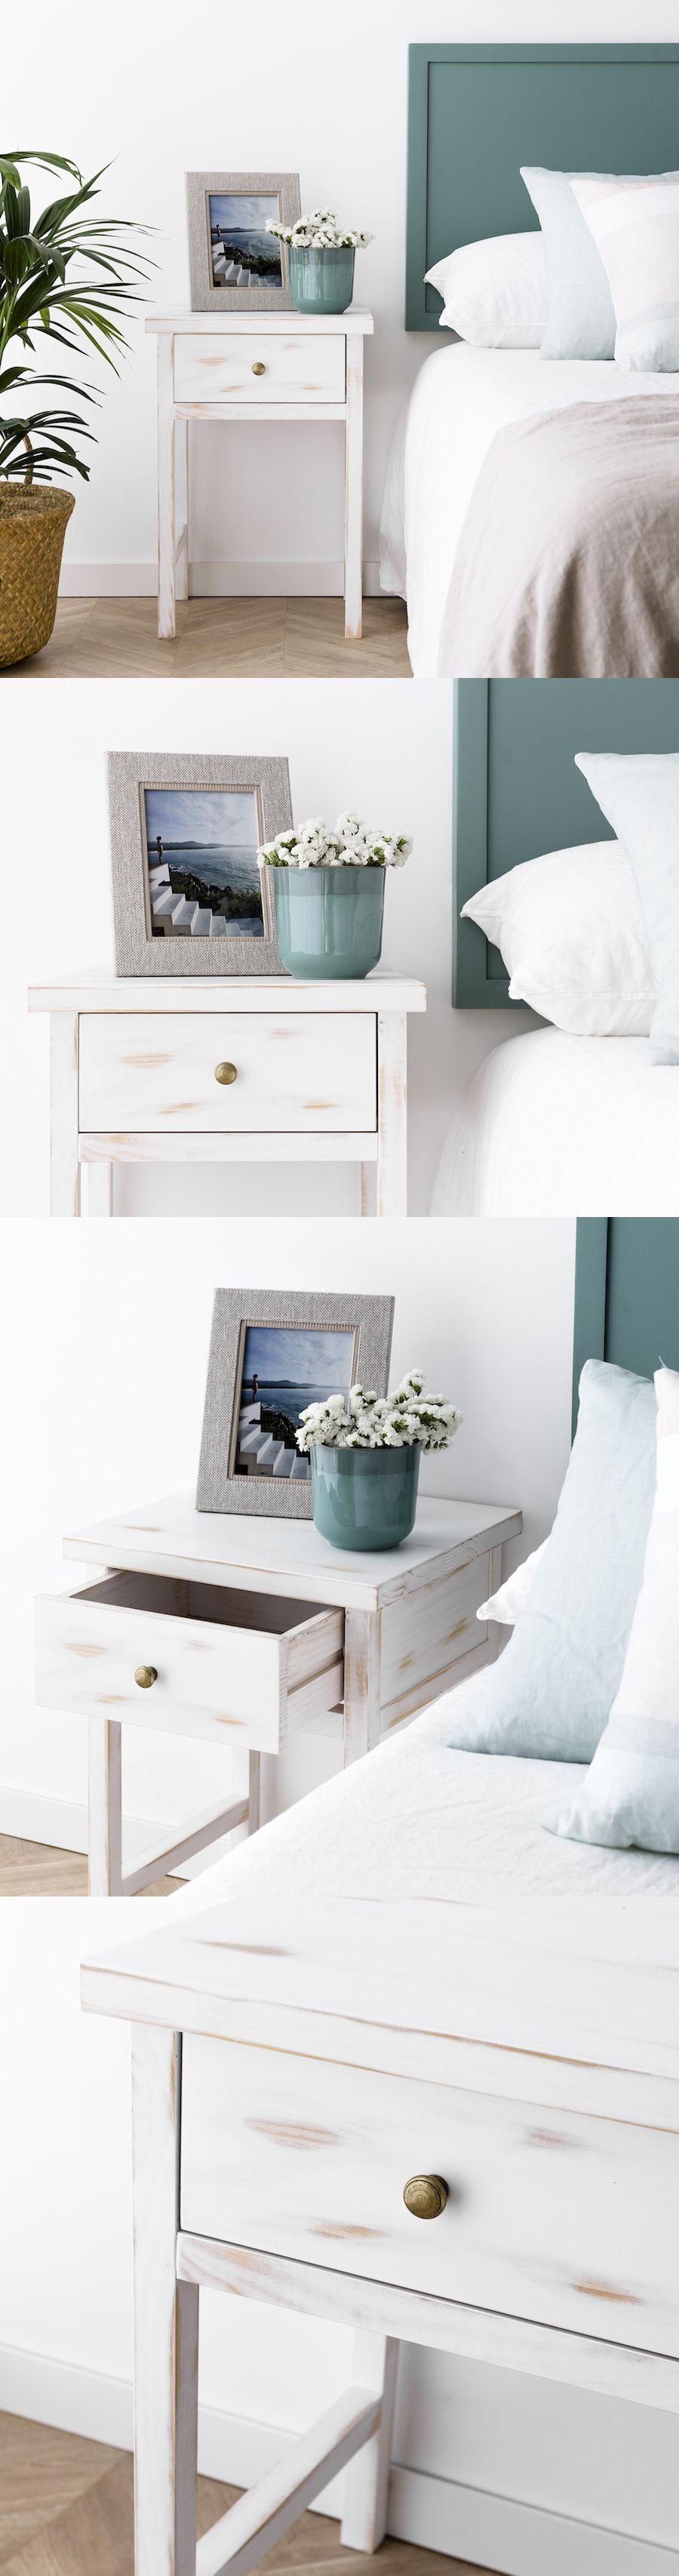 Fred mesita blanca dormitorios muebles blanco y madera - Dormitorios en blanco y madera ...